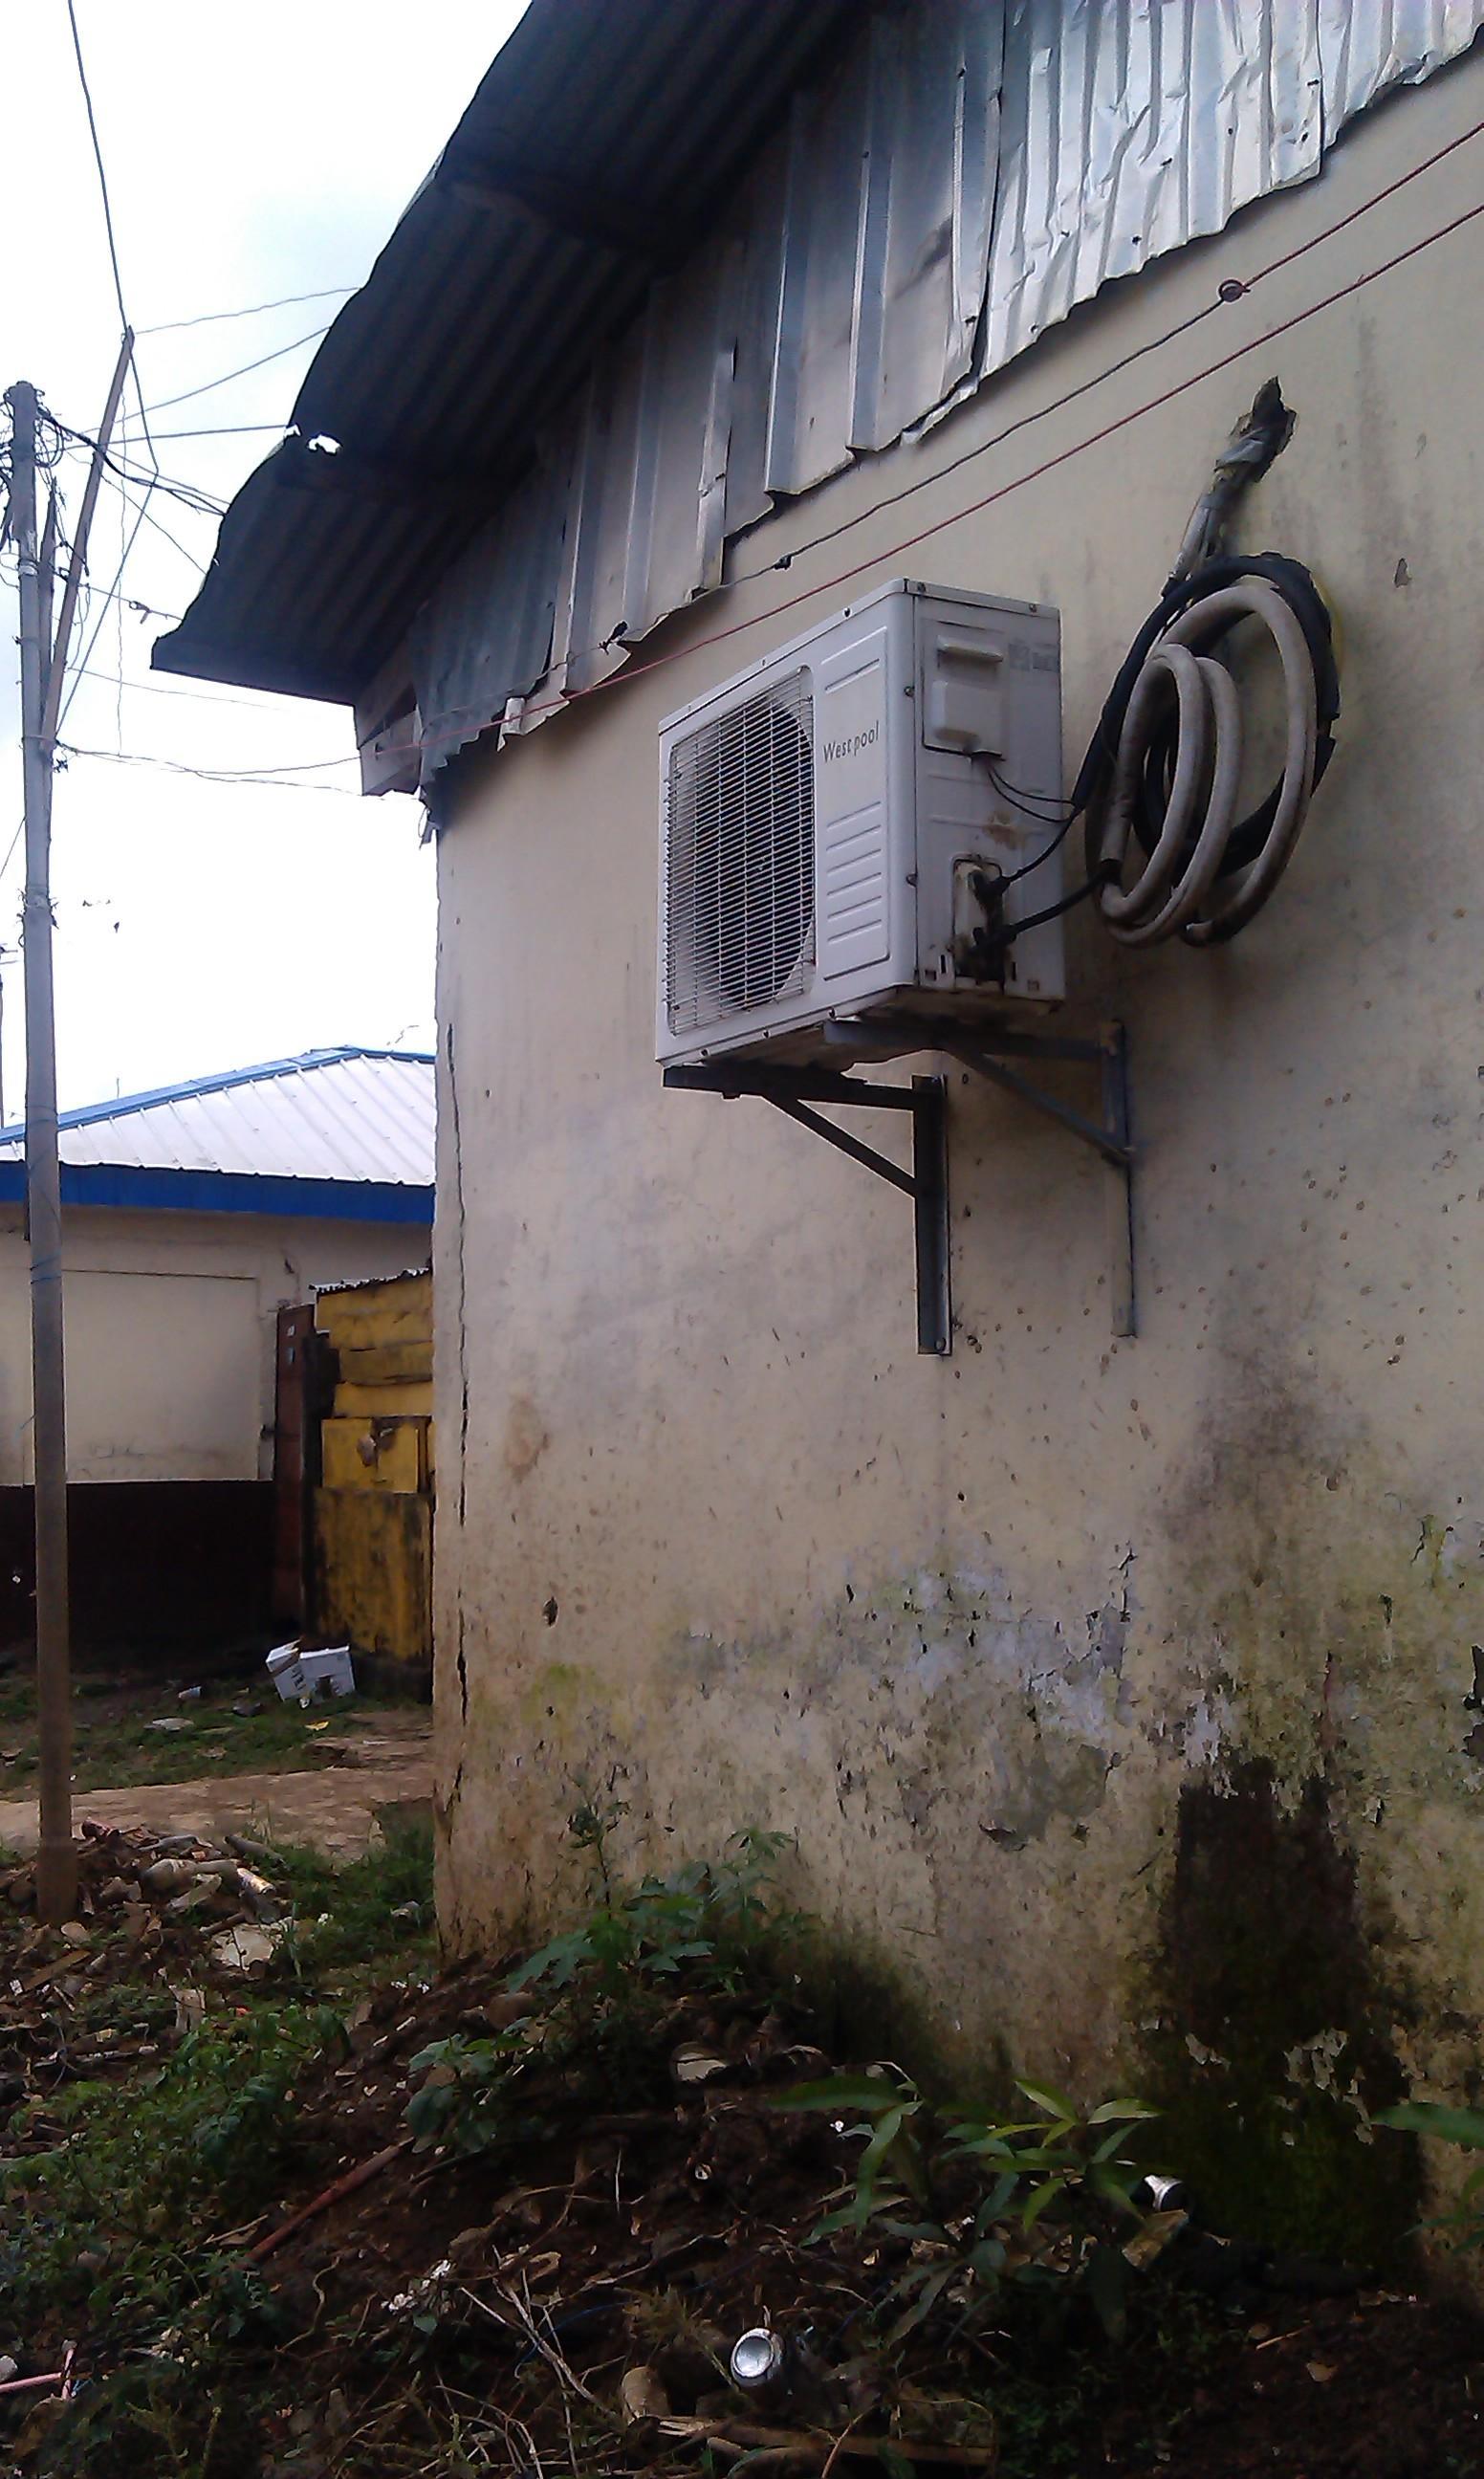 El del aire acondicionado es para el apartado de sueñan con una vida